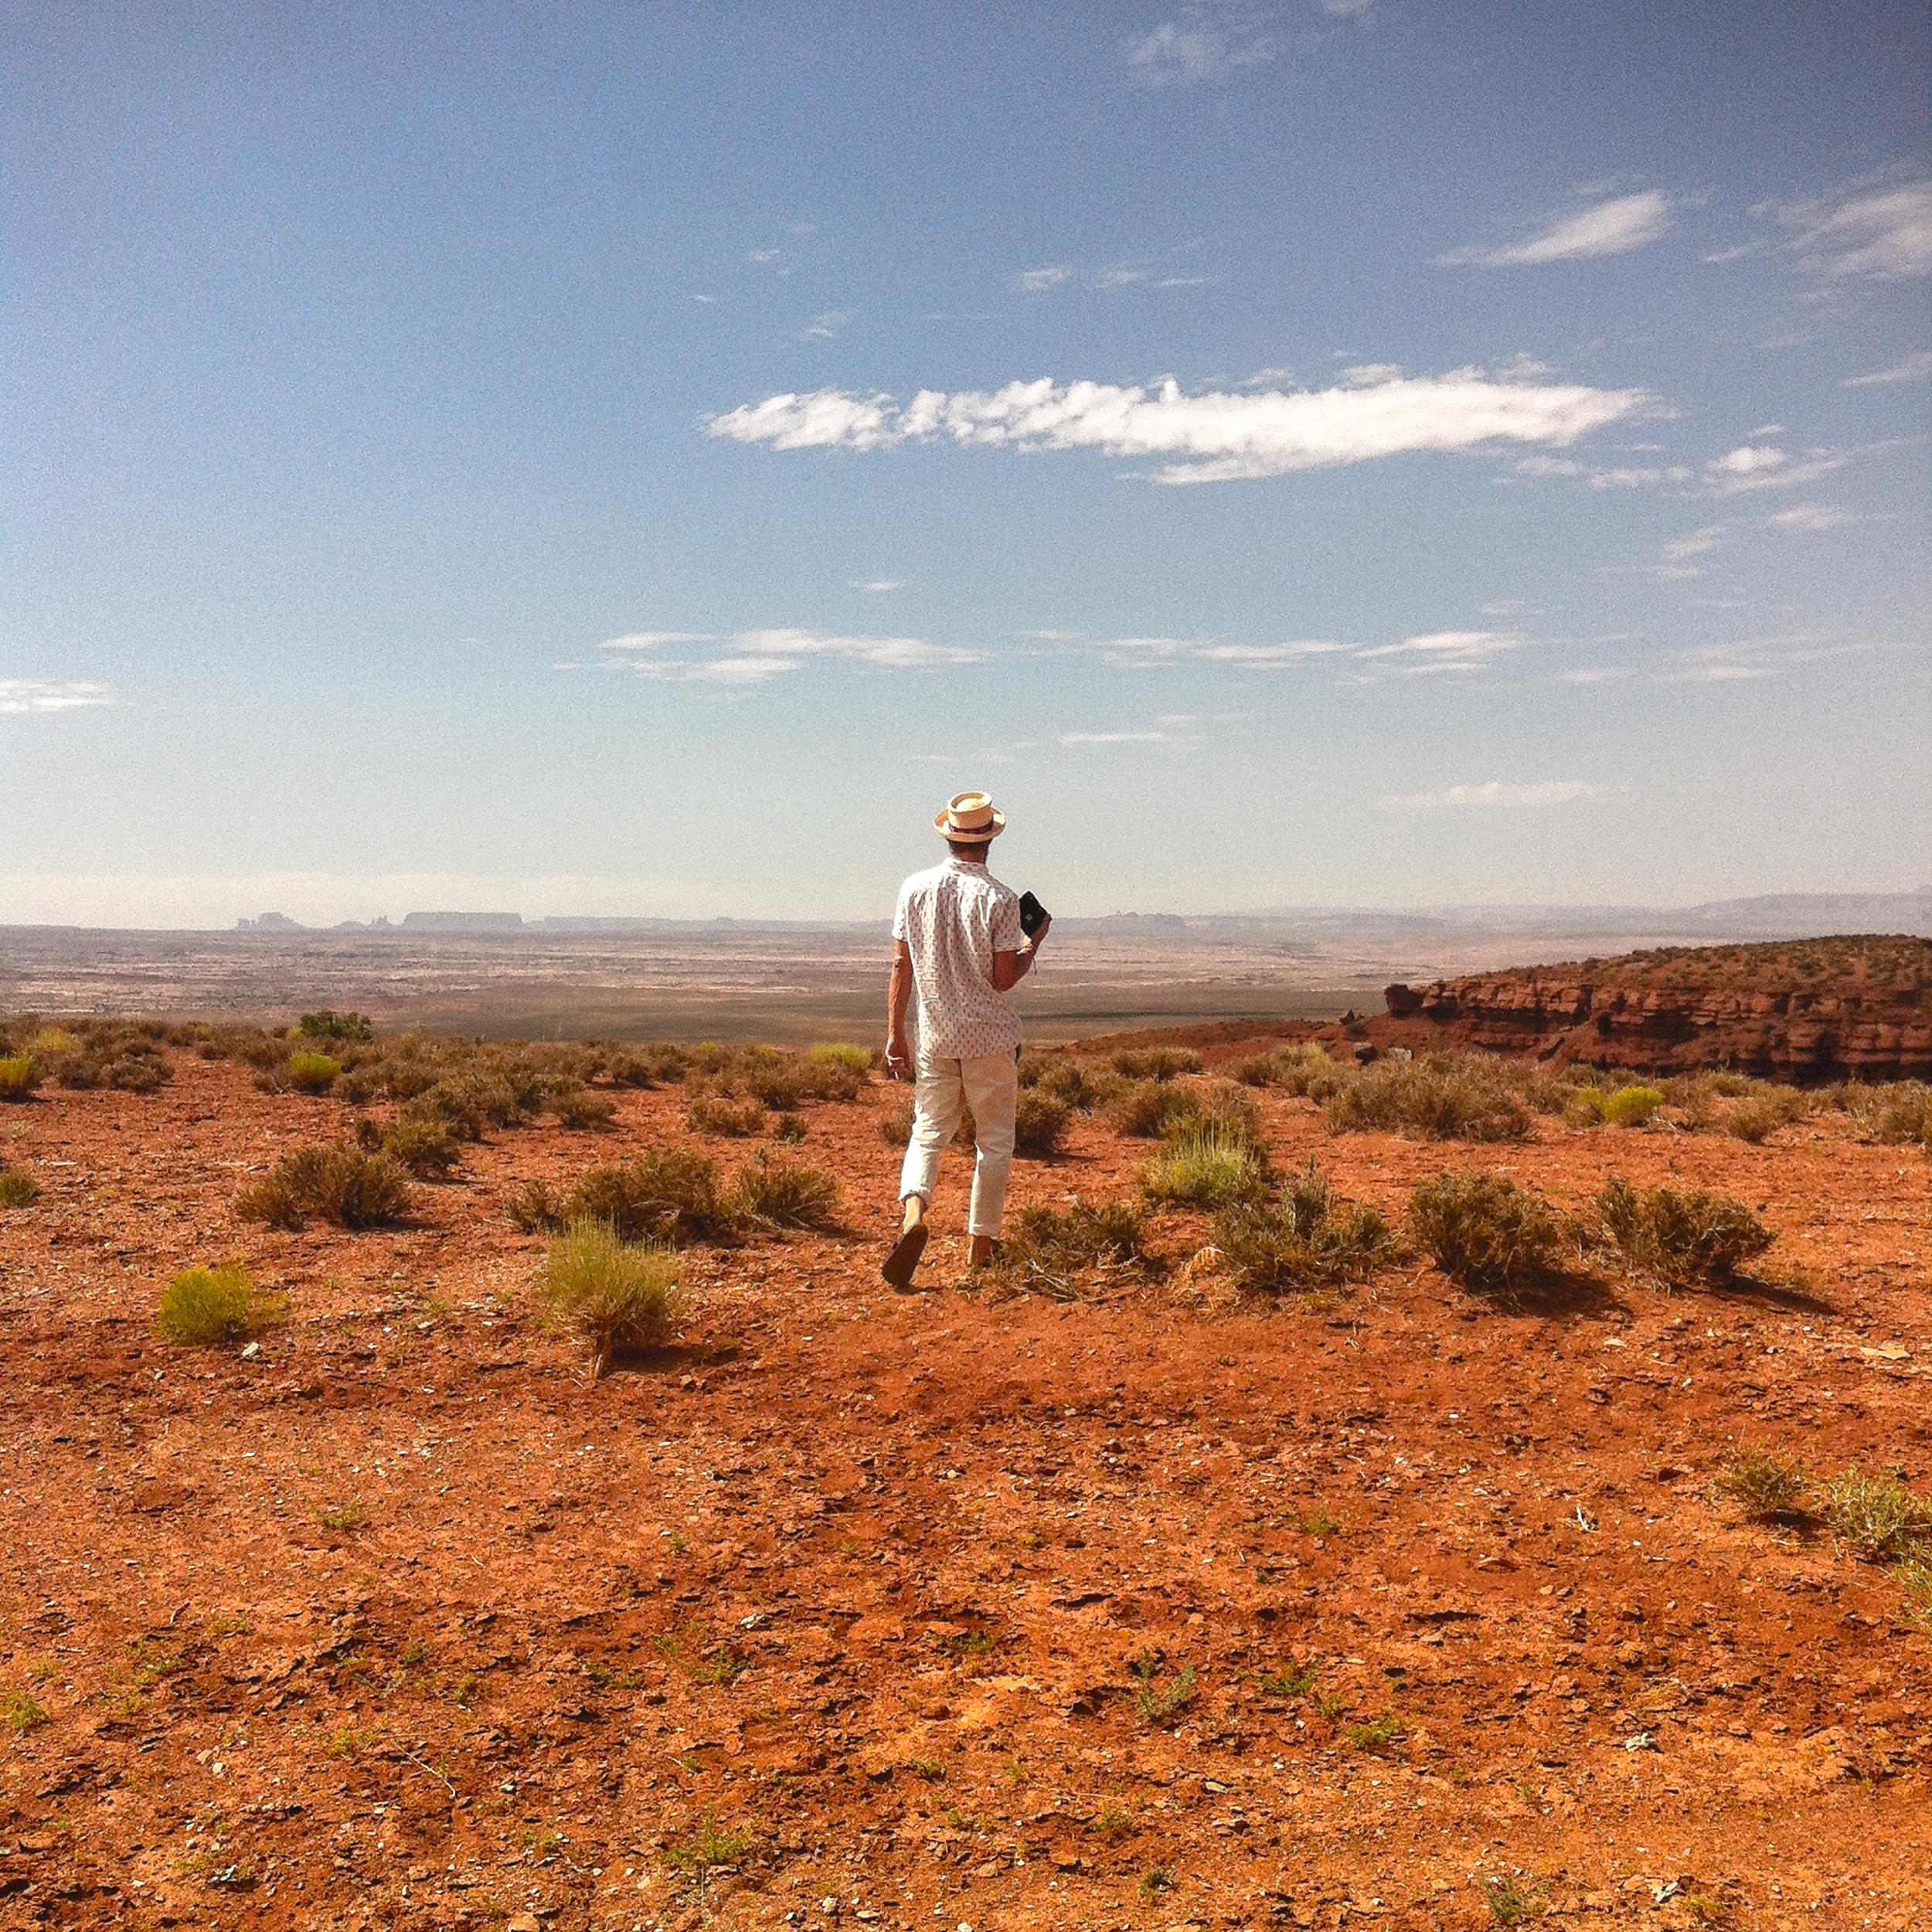 Simo_Desert.jpg